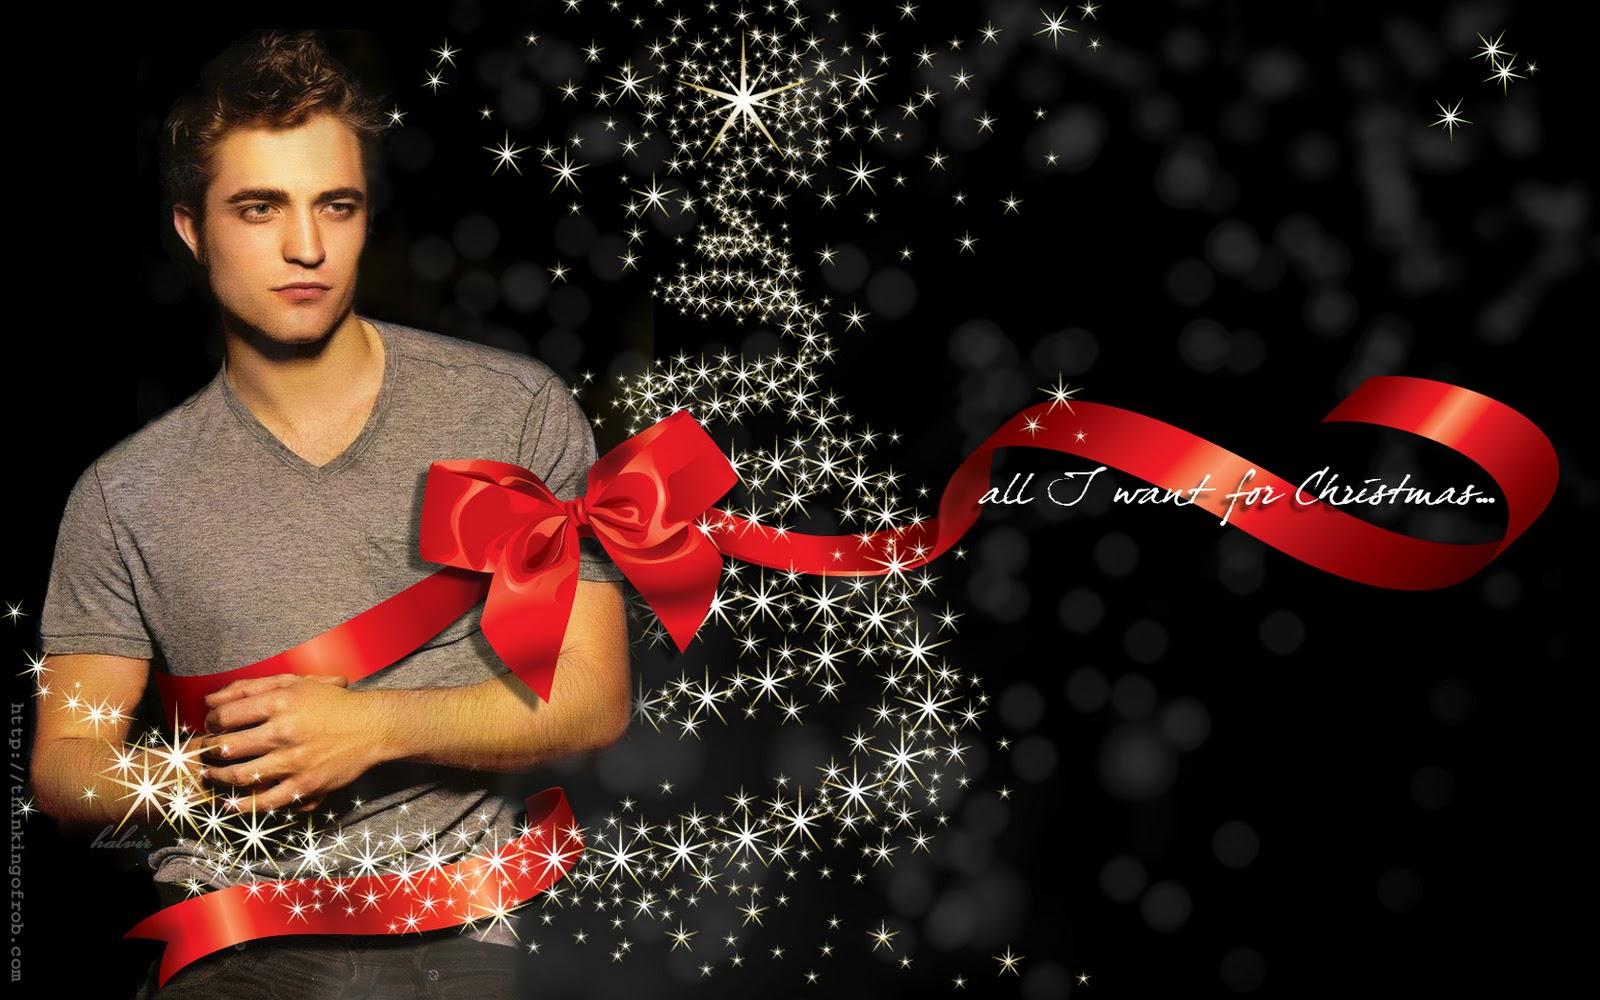 http://3.bp.blogspot.com/_ROatI4RY0ds/TO2hXxRXABI/AAAAAAAAEVg/BQY794Tfk2s/s1600/Christmas-Rob-robert-pattinson-9320601-1680-1050.jpg